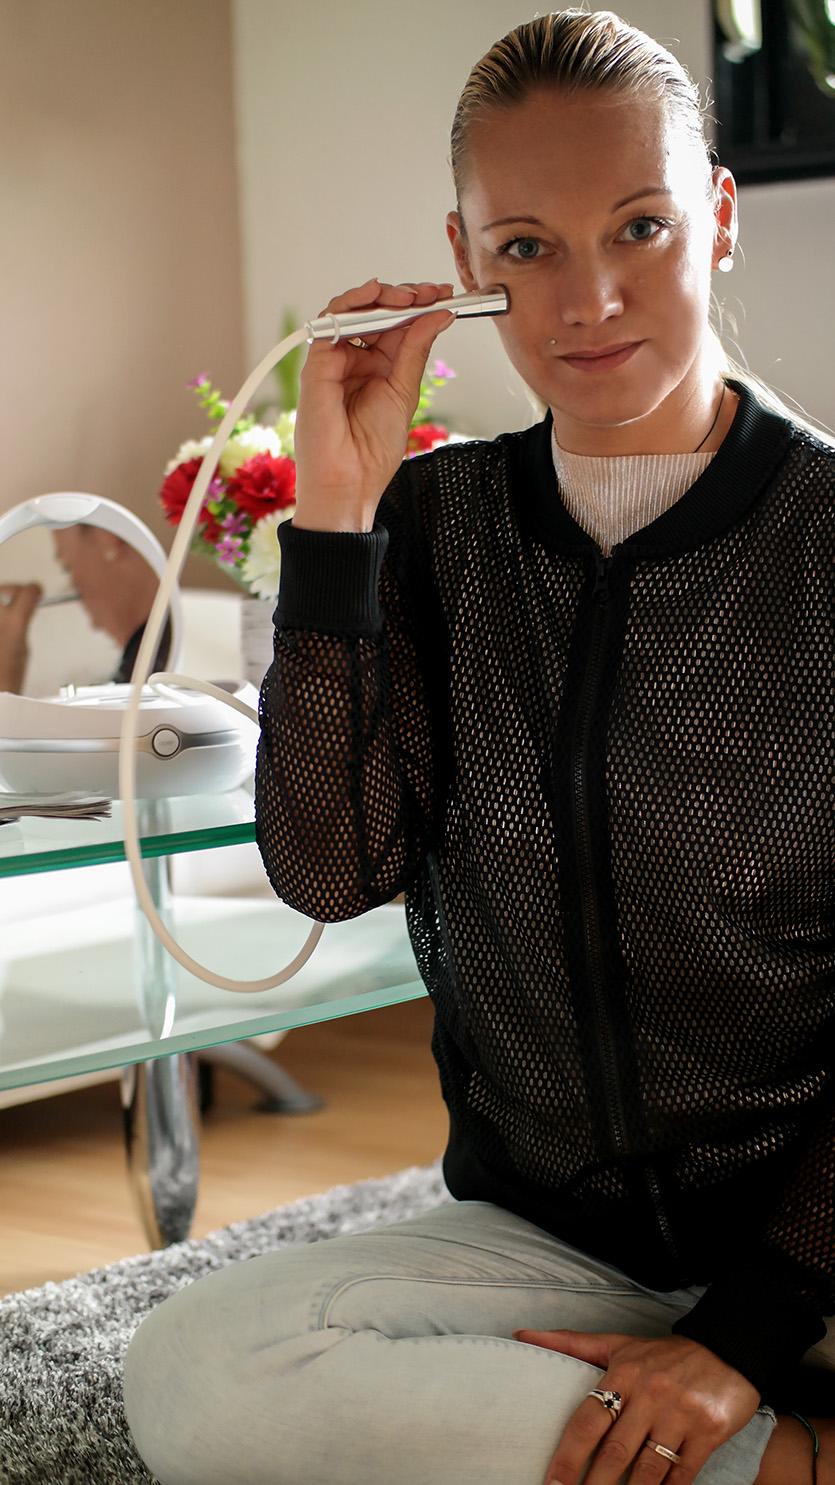 Mit dem Beurer FC 100 Pureo Derma Peel Mikrodermabrasionsgerät für Zuhause zu praller, straffer Haut | Franny´s Anti-Aging Wunder im Langzeittest | Hauterneuerung | hot-port.de | Style & Fashion Blog für Frauen über 30